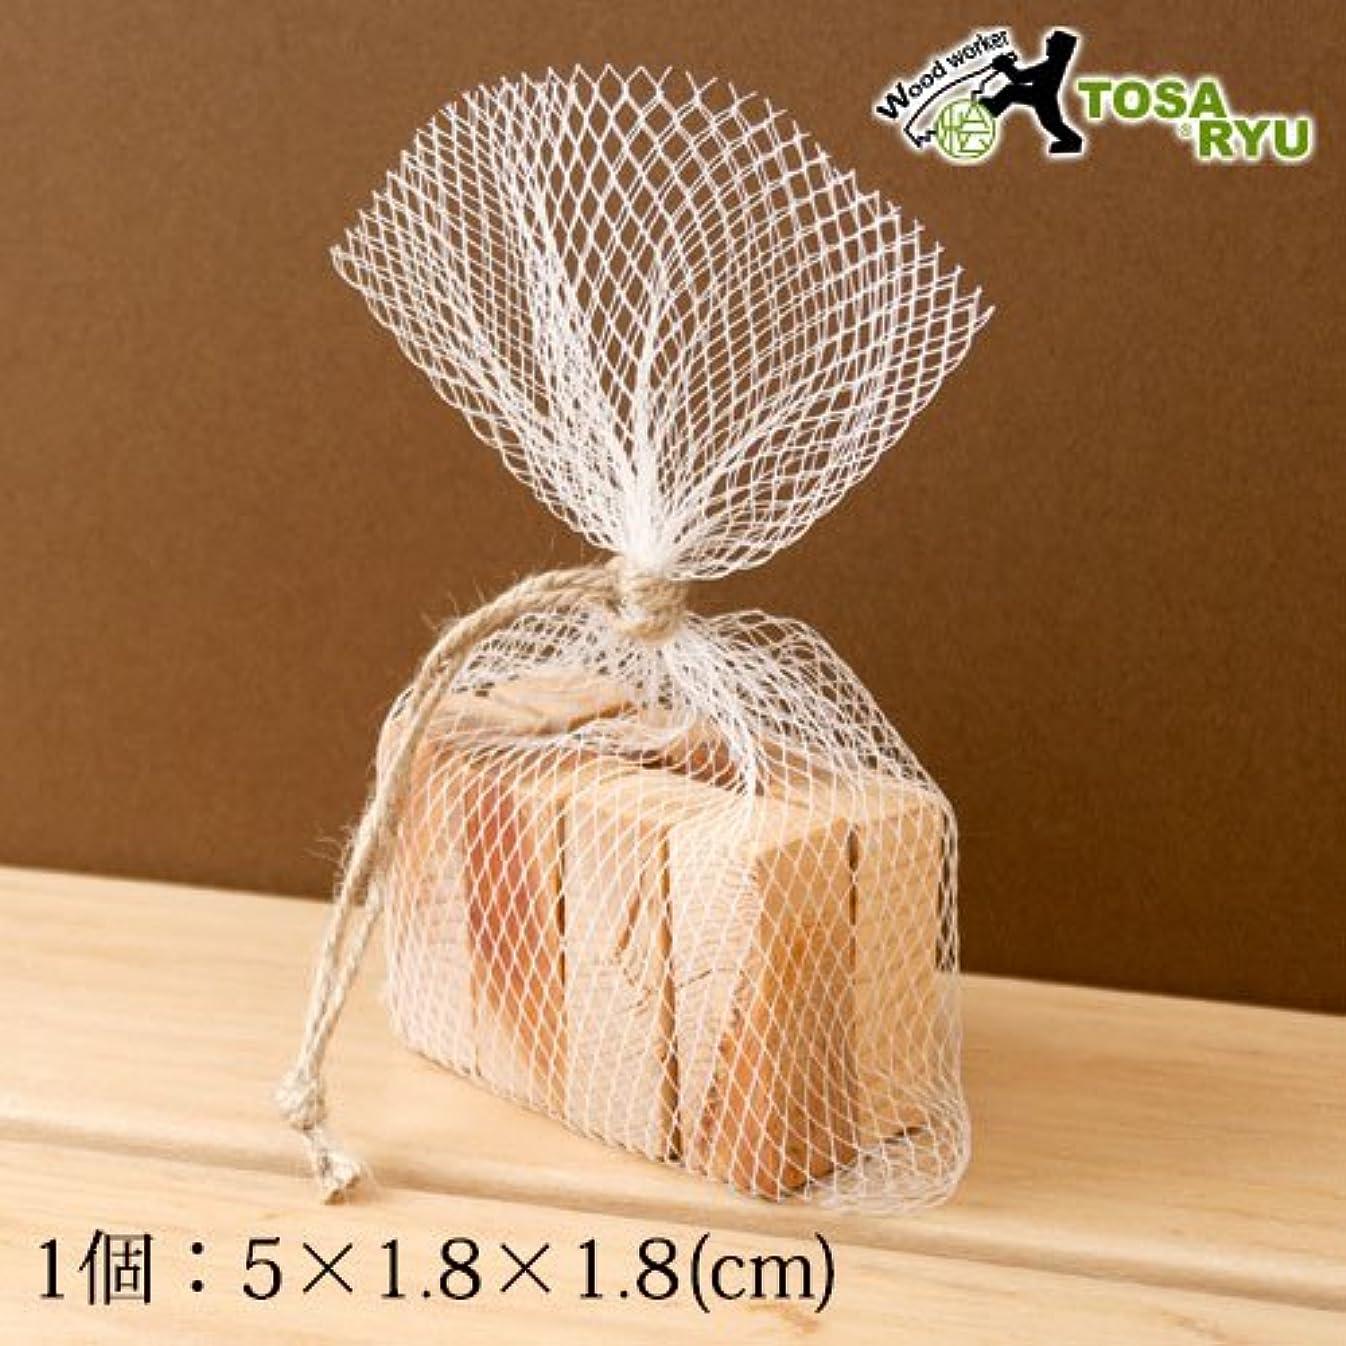 トレイル主張する想起土佐龍アロマブロックメッシュ袋入り高知県の工芸品Bath additive of cypress, Kochi craft